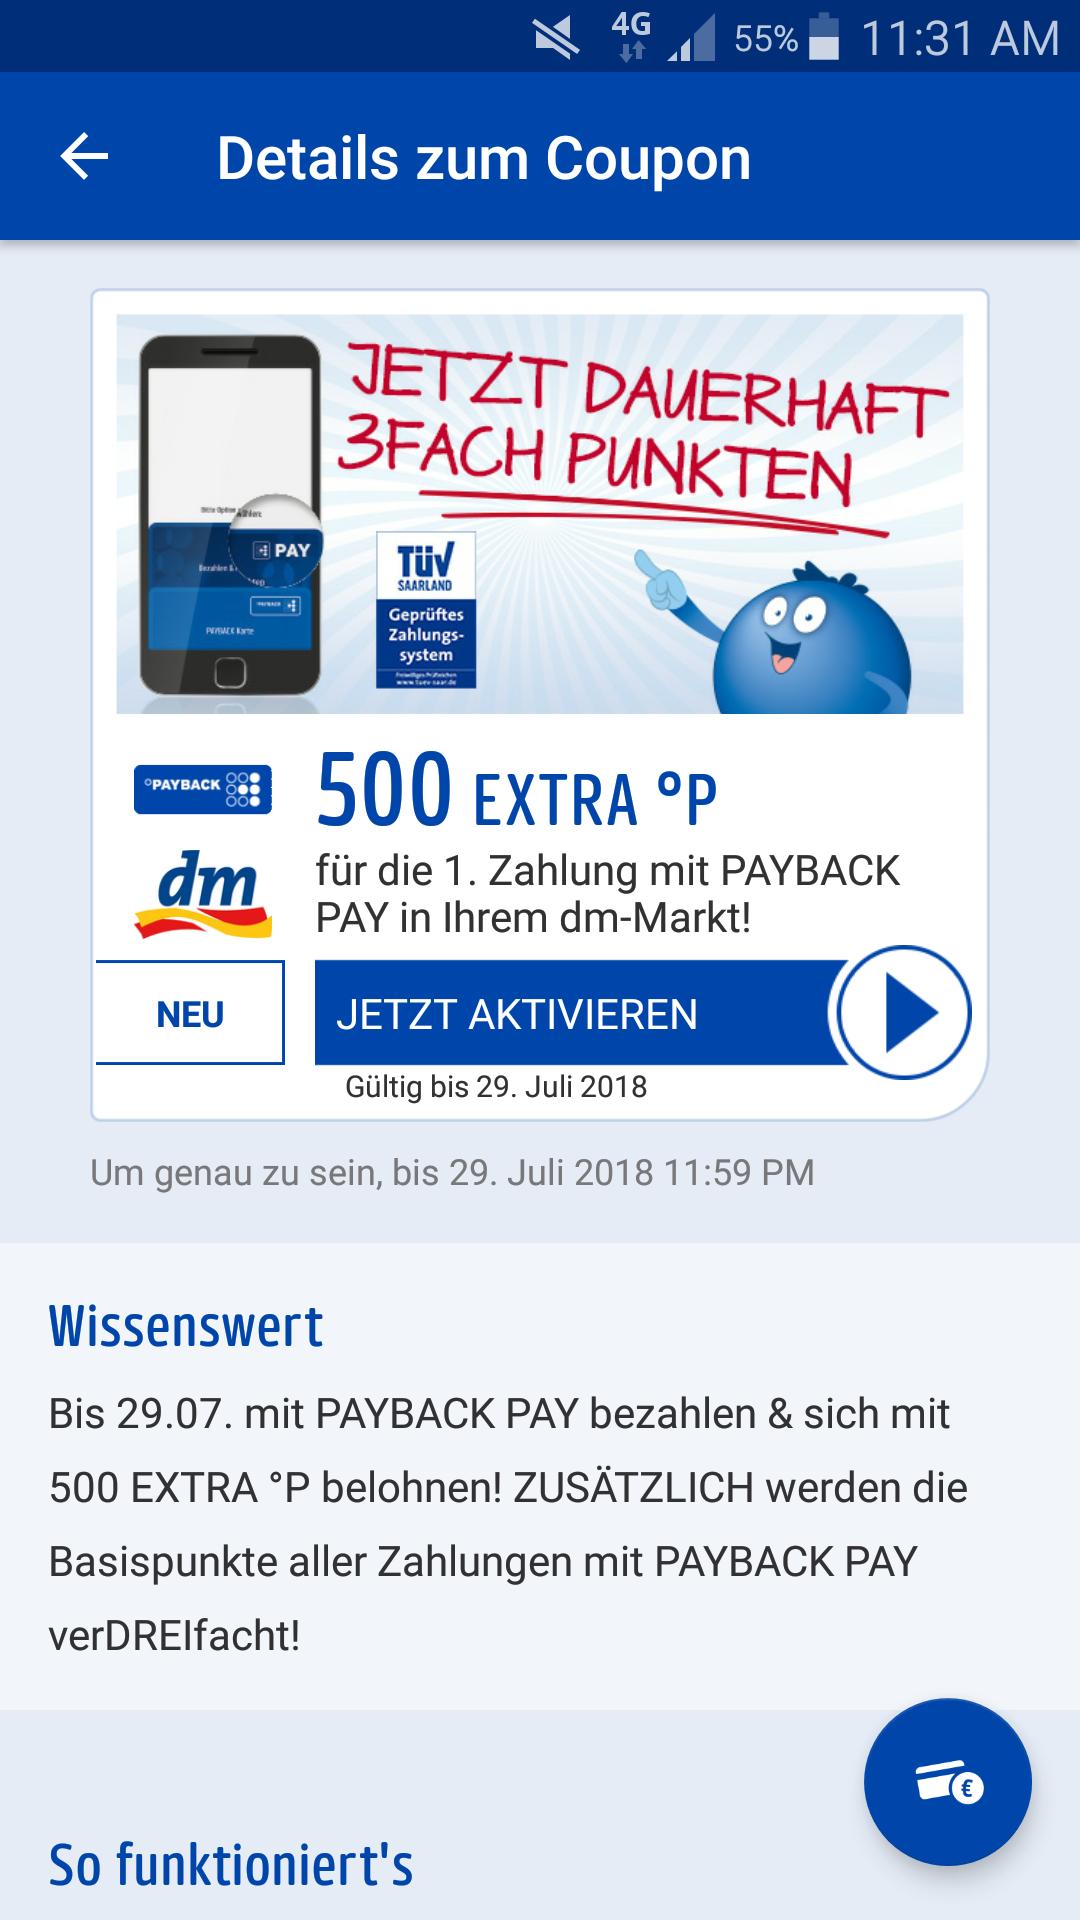 500 Paybackpunkte [5€] geschenkt für die 1. Zahlung mit Payback Pay